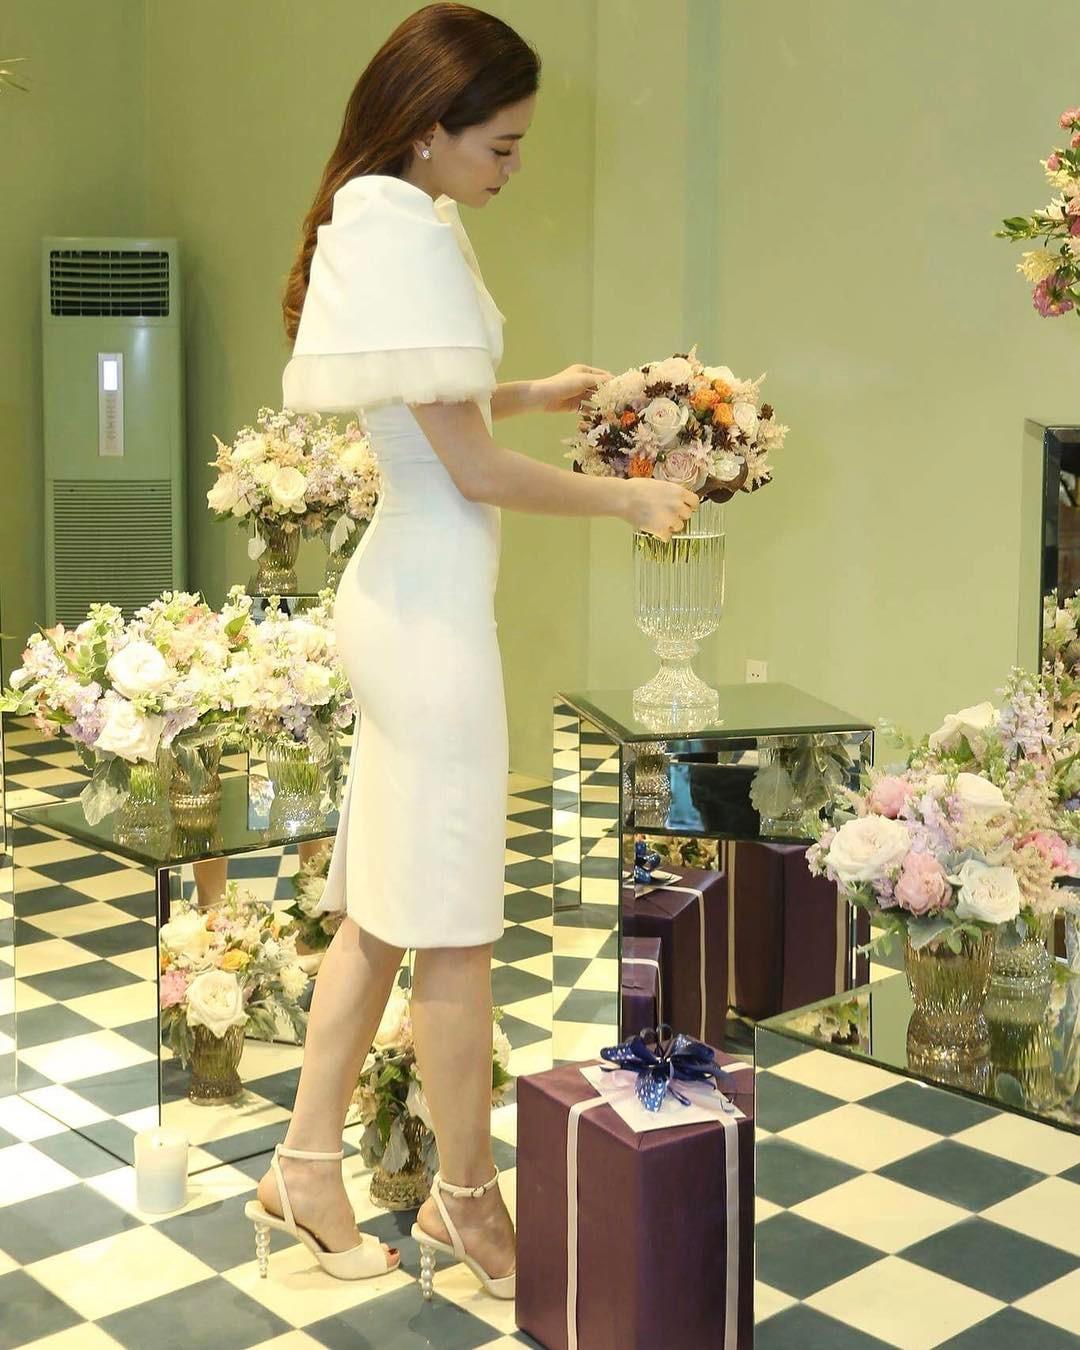 Style biến hóa khôn lường nhưng Hà Hồ bao năm cứ trung thành với một kiểu giày cao gót kéo chân vi diệu - Ảnh 3.